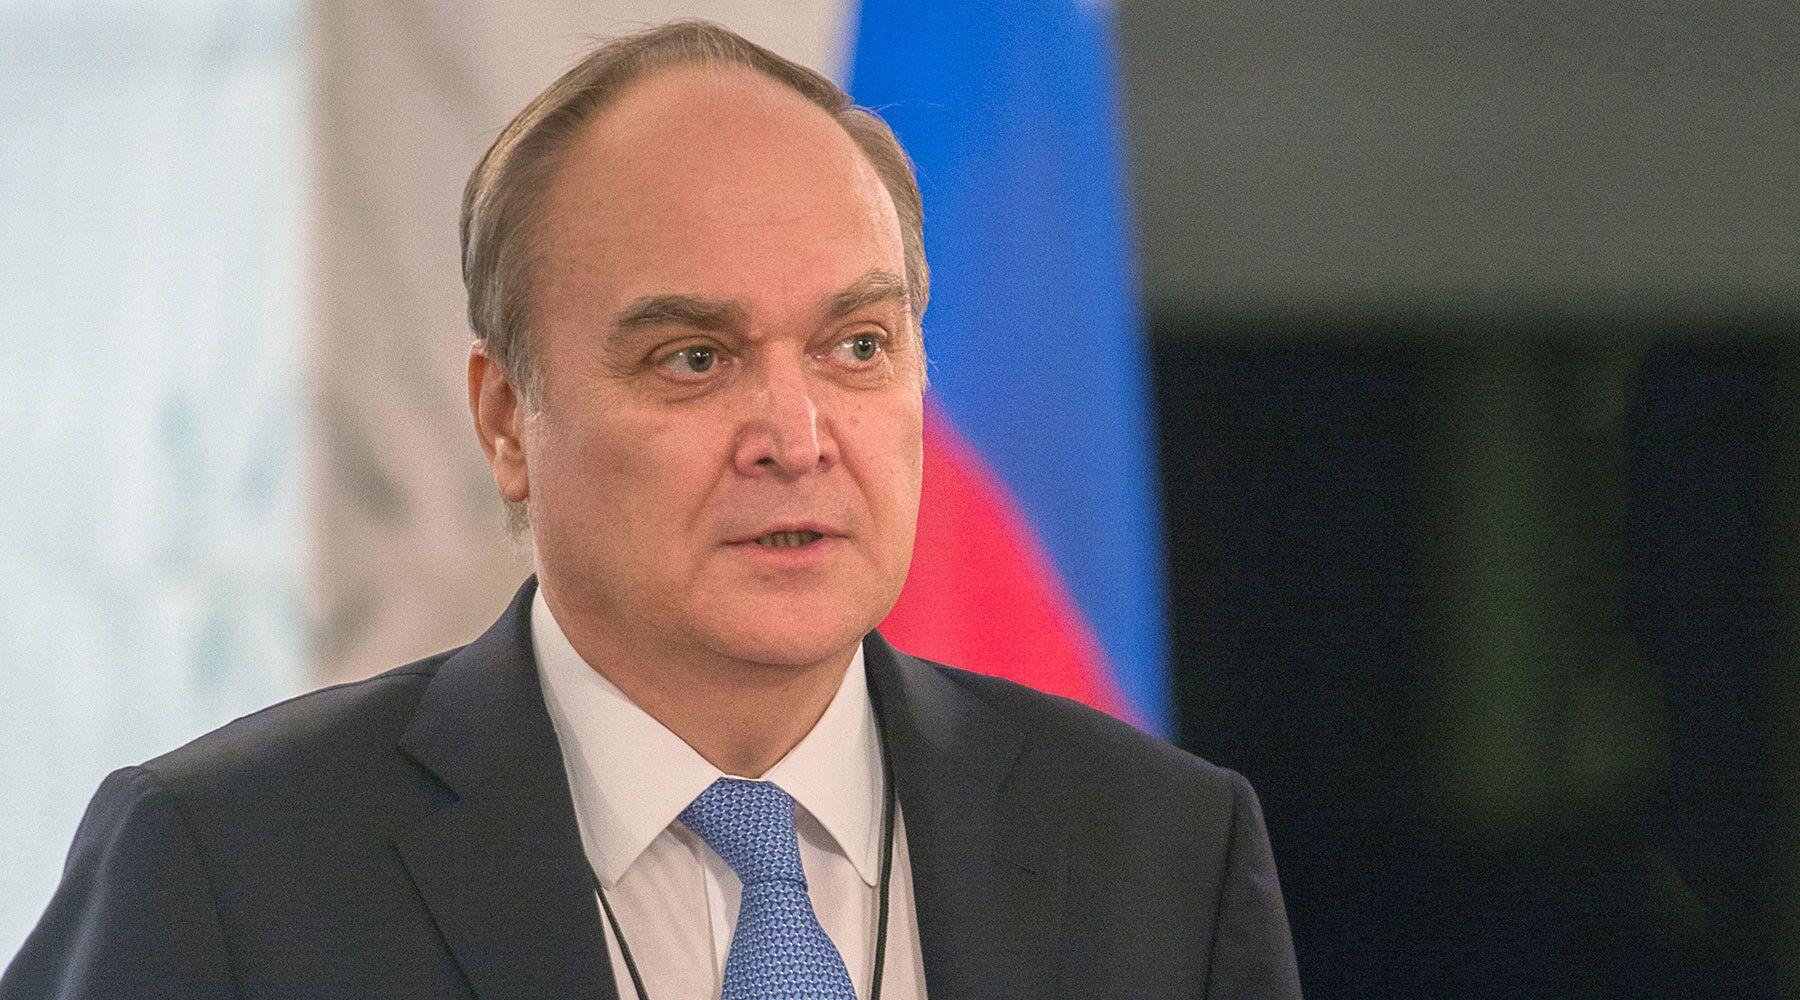 俄大使:若美在欧洲部署导弹 俄将用导弹覆盖全欧